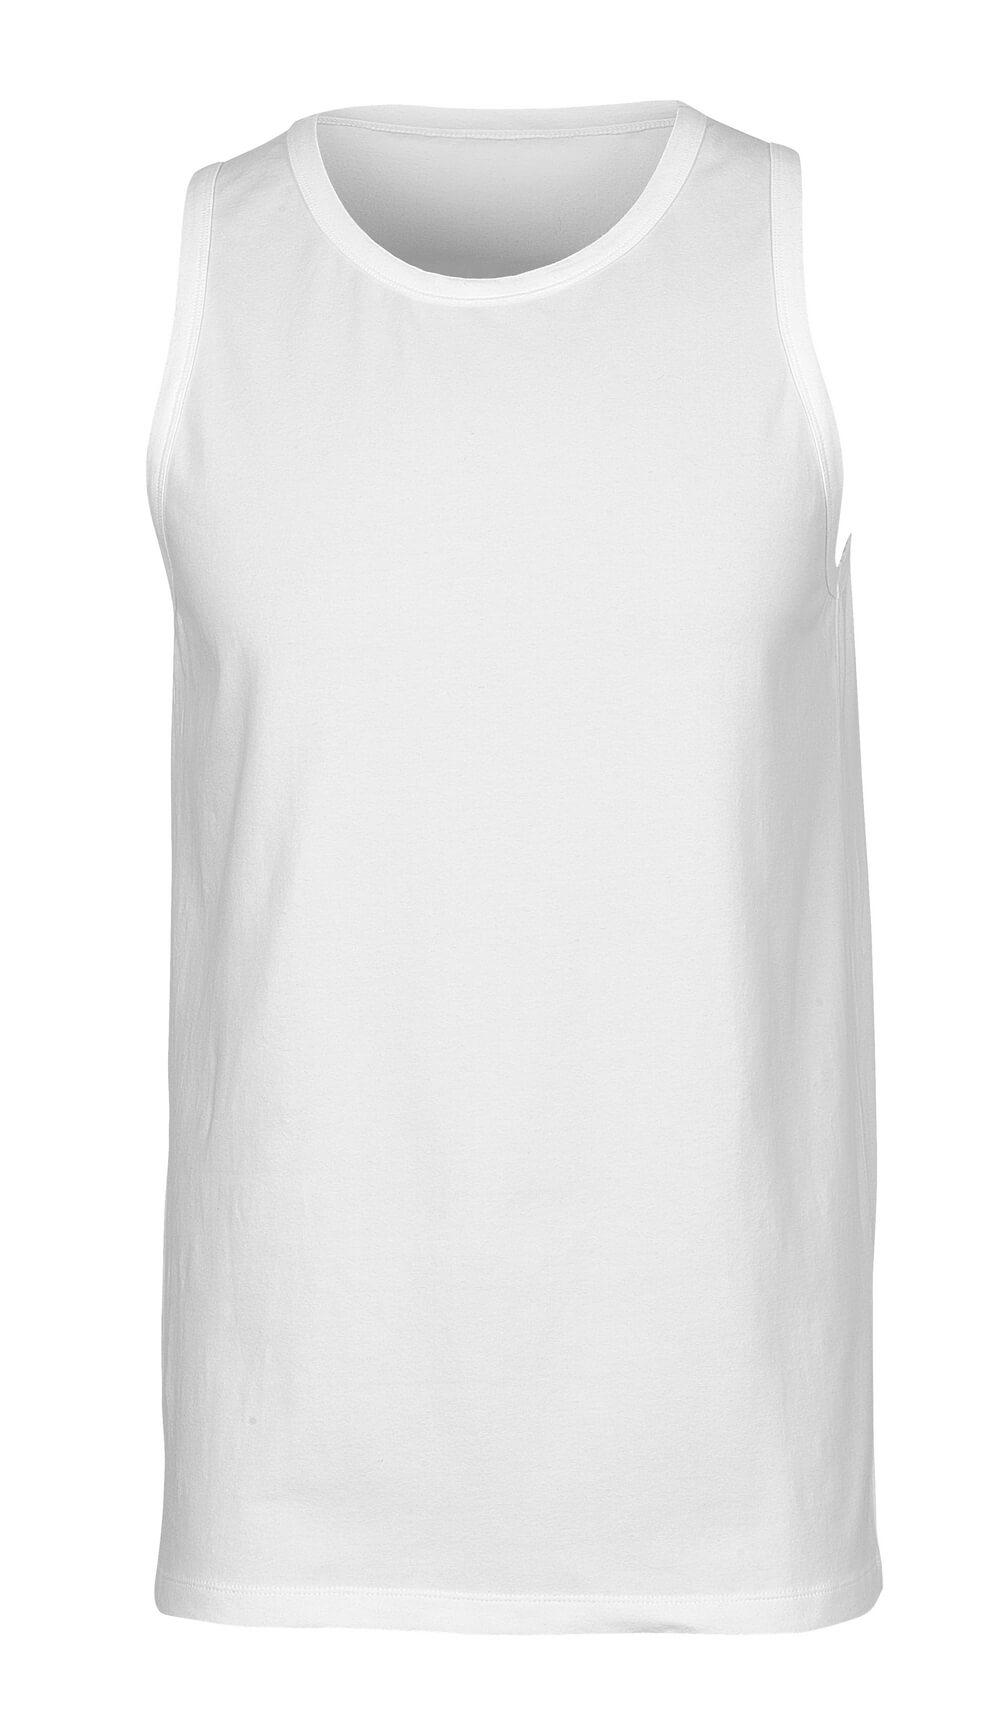 50031-847-06 Tricot de corps - Blanc